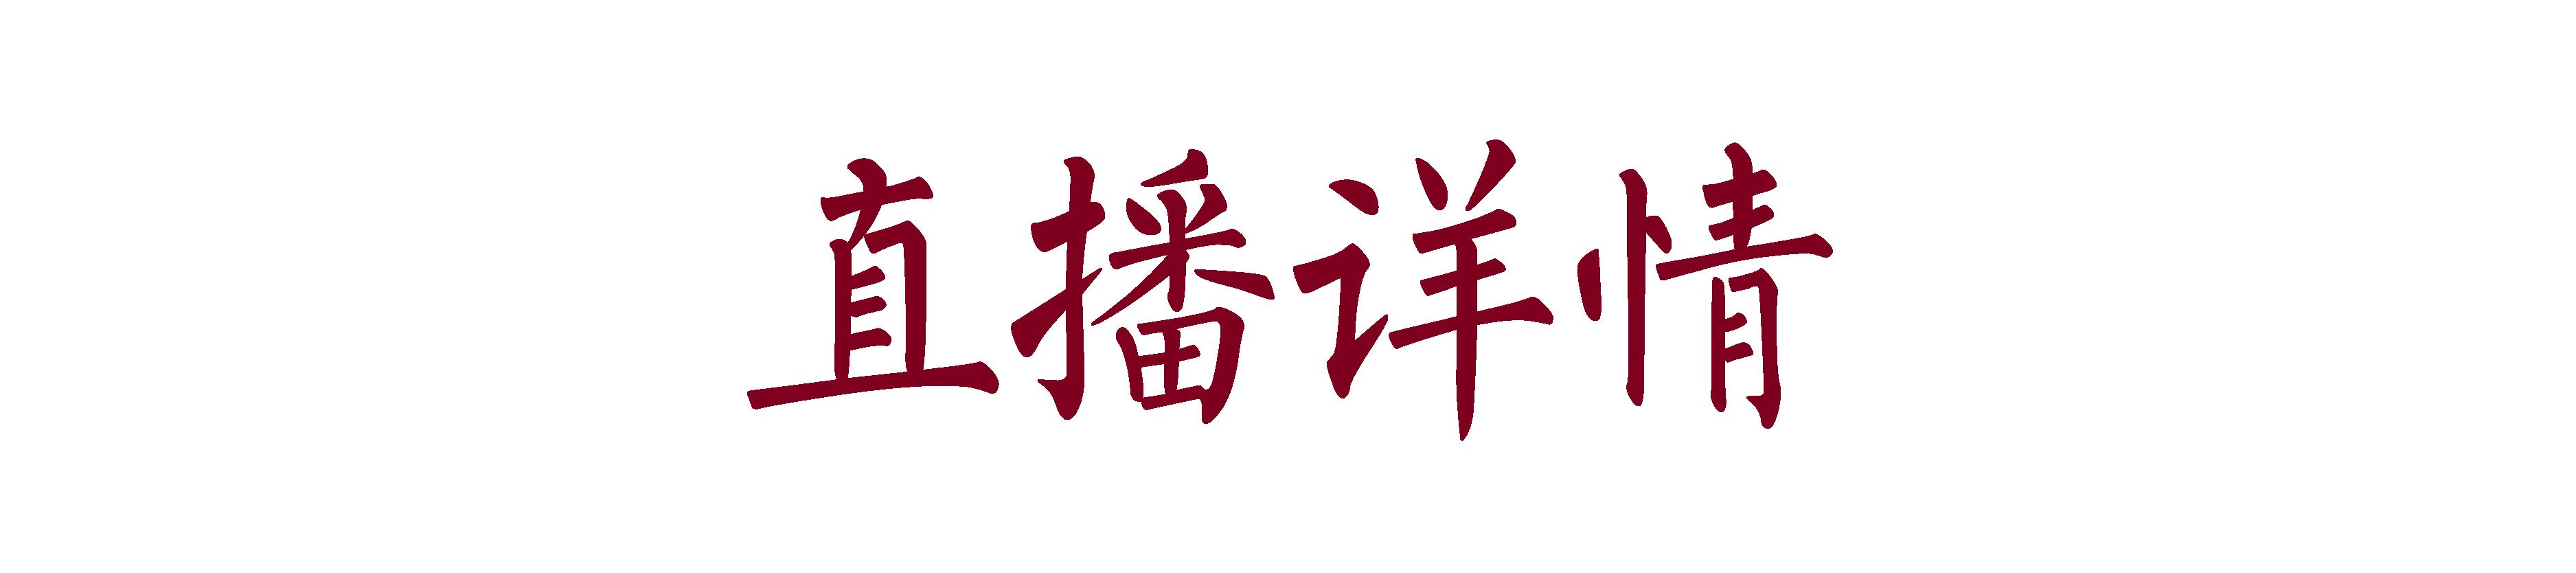 https://ft-bk1.oss-cn-zhangjiakou.aliyuncs.com/Public/Uploads/img/a_content_20200921141023_4072.png